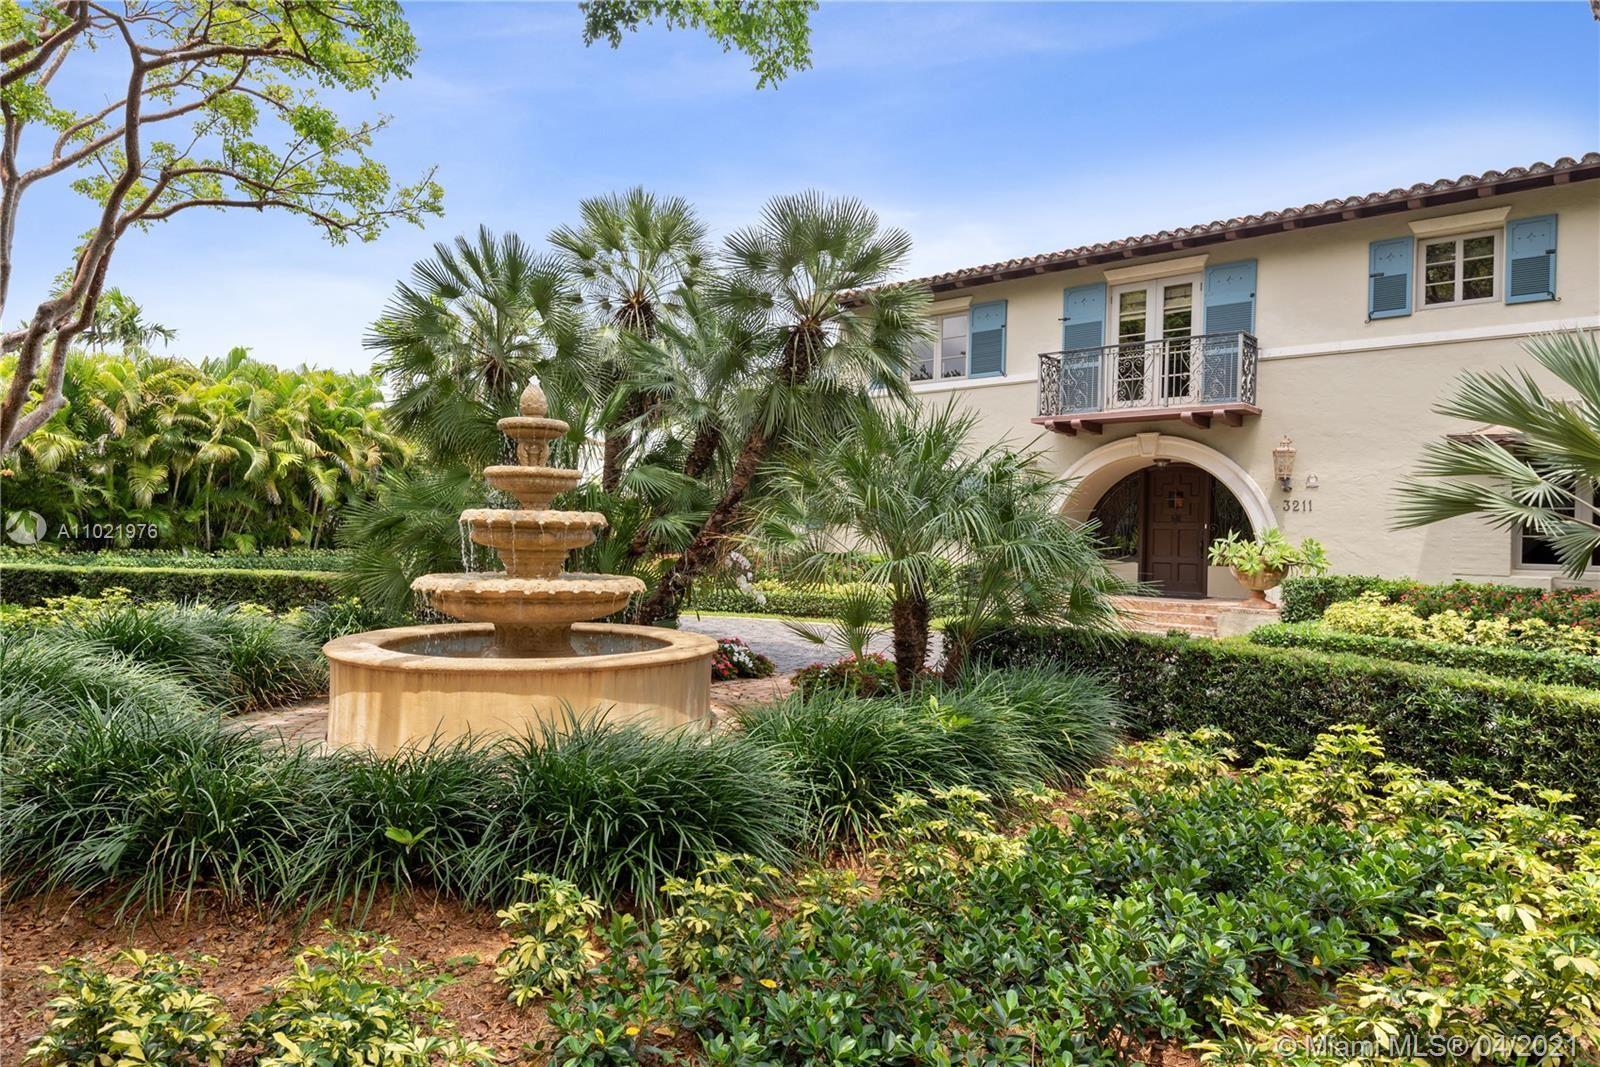 3211 Alhambra Cir, Coral Gables, FL 33134 - #: A11021976